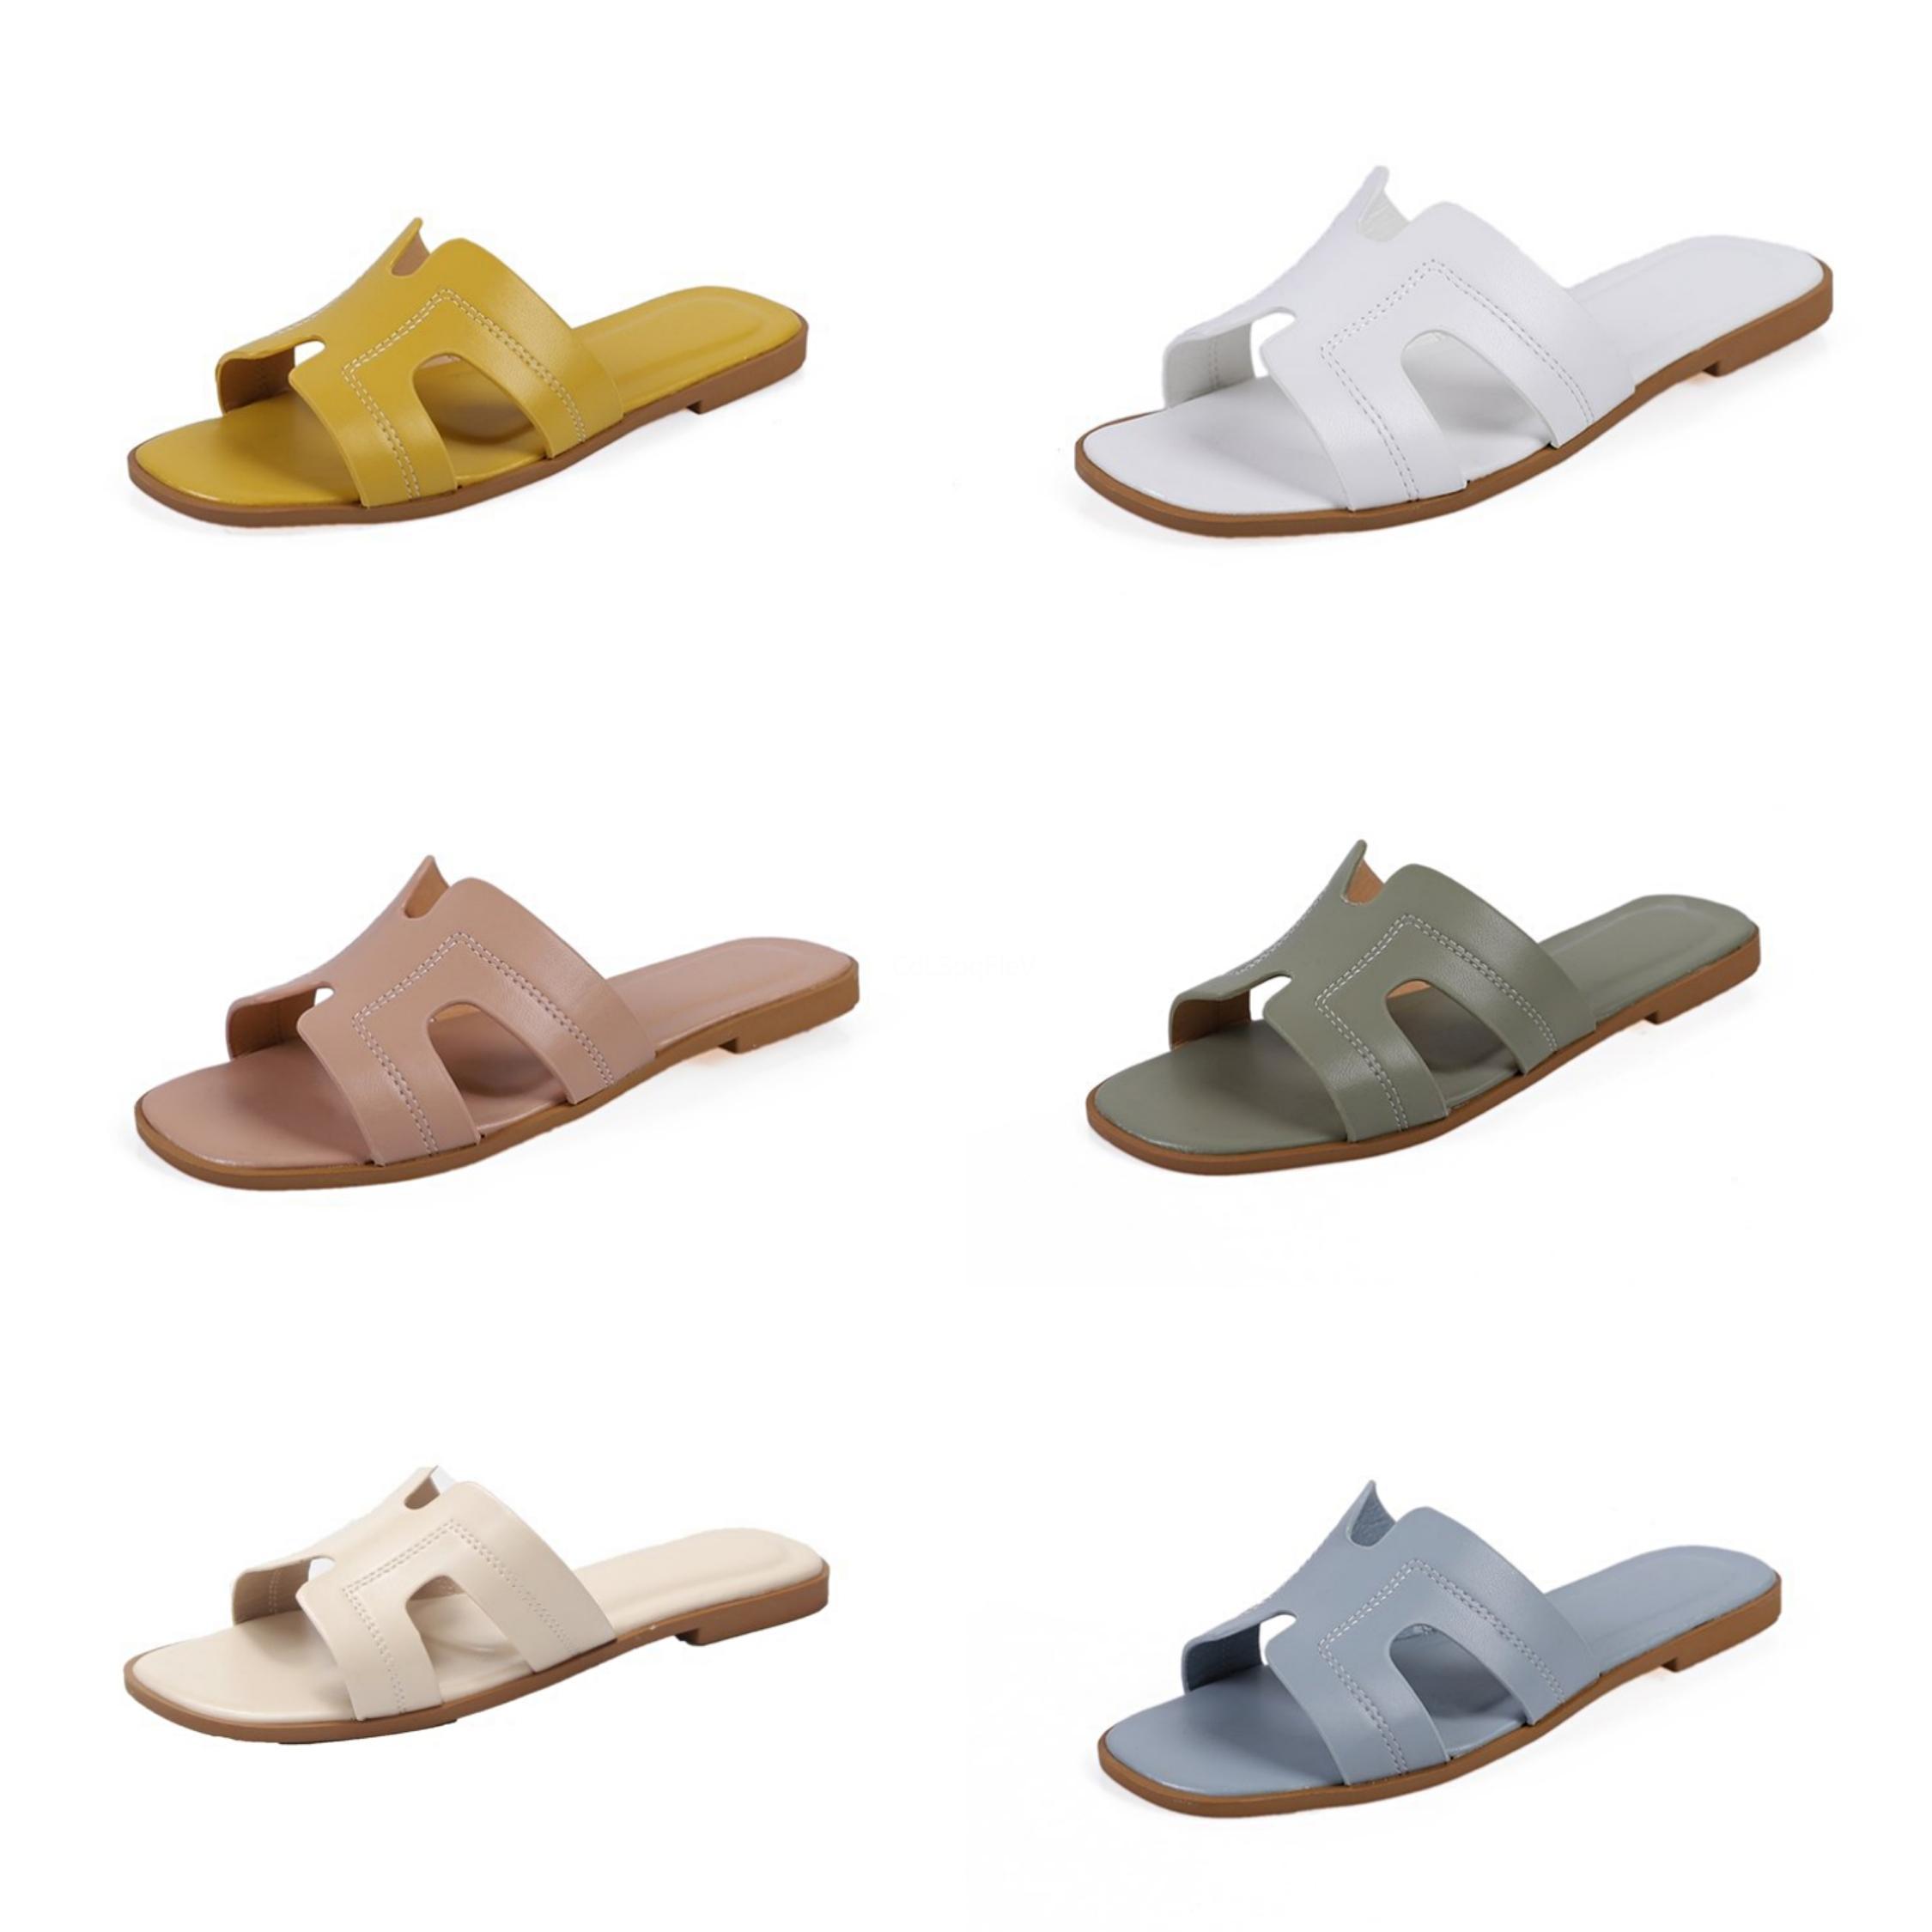 Oeak Женская Обувь Богемия Мода Дамы Тапочки Летом Sauqre Каблук Ч. Обувь На Открытом Воздухе Женщины Тапочки Скольжения На 2020 В70#788